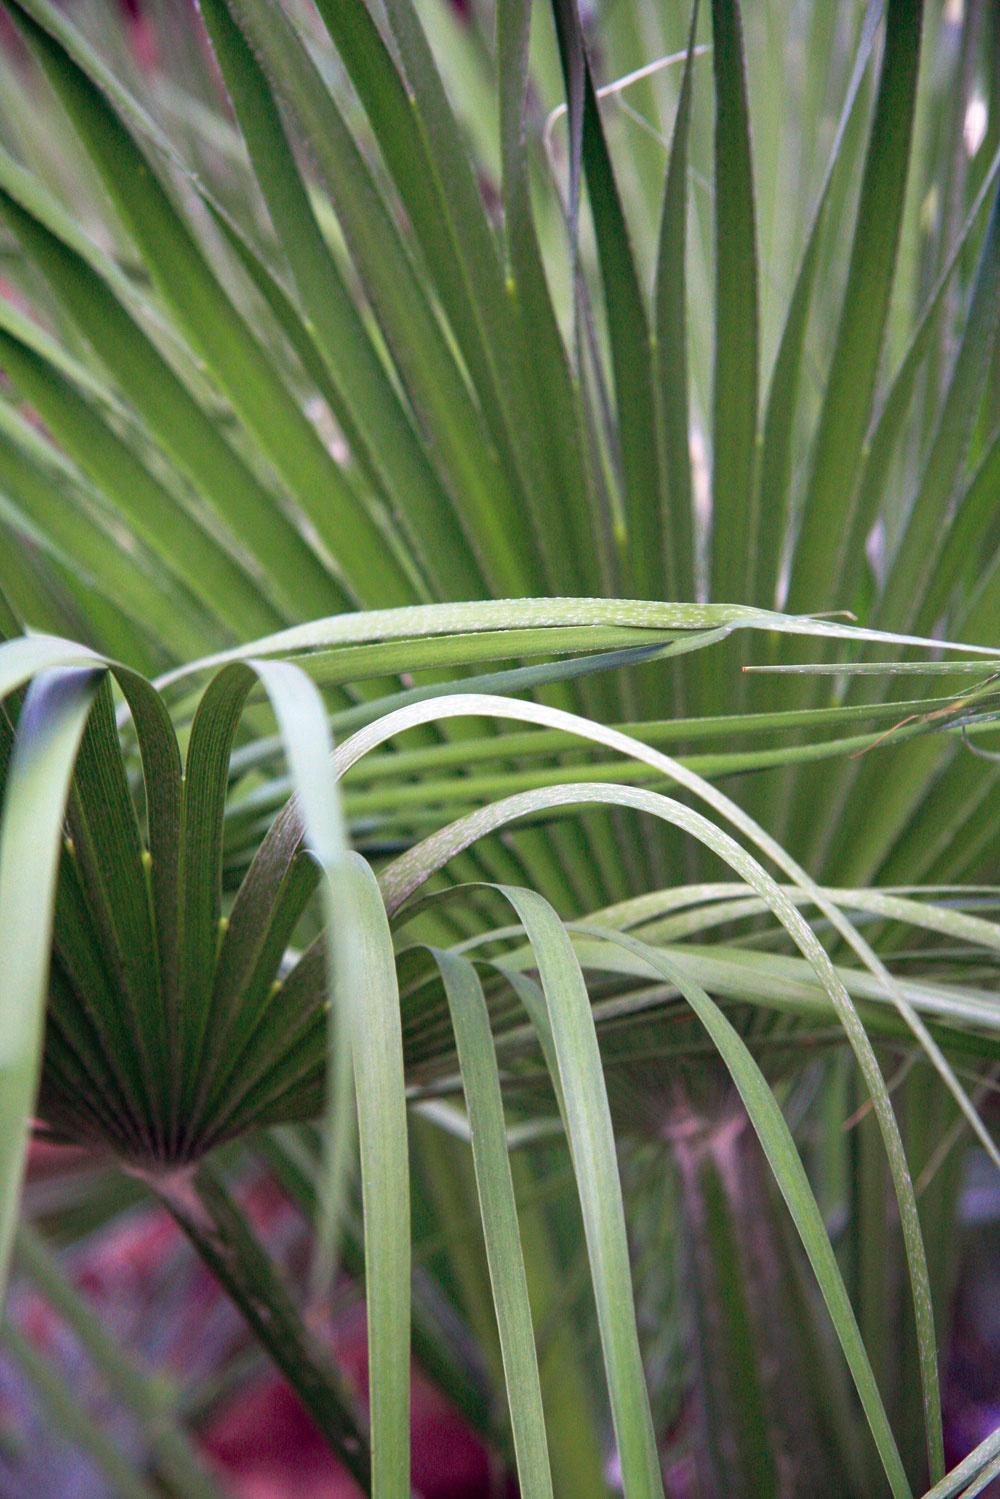 Vposlednom čase sa vponuke záhradníctiev objavilo množstvo paliem, ktoré možno po celý rok pestovať vexteriéri. Patrí knim napríklad Trachycarpus fortunei, Trachycarpus wagnerianus, Chamaerops humilis, Jubalea chinensis aďalšie. Palmy budú celoročne prospievať vzáhradách snadmorskou výškou do 400 metrov. Potrebujú miesto sdostatkom slnka (juhovýchod alebo juhozápad), veľmi dôležitá je priepustná avýživná zemina, vktorej budú vysadené priamo na záhonoch. Podstatné je aj správne zazimovanie paliem, hlavne tých novovysadených. Staršie exempláre zvyčajne prežijú mrazy lepšie. Mladšie jedince treba pred príchodom zimy dobre obaliť jutovými vakmi, dôležité je chrániť ich aj pred zimným vlhkom, ktoré by mohlo spôsobiť hnilobu.